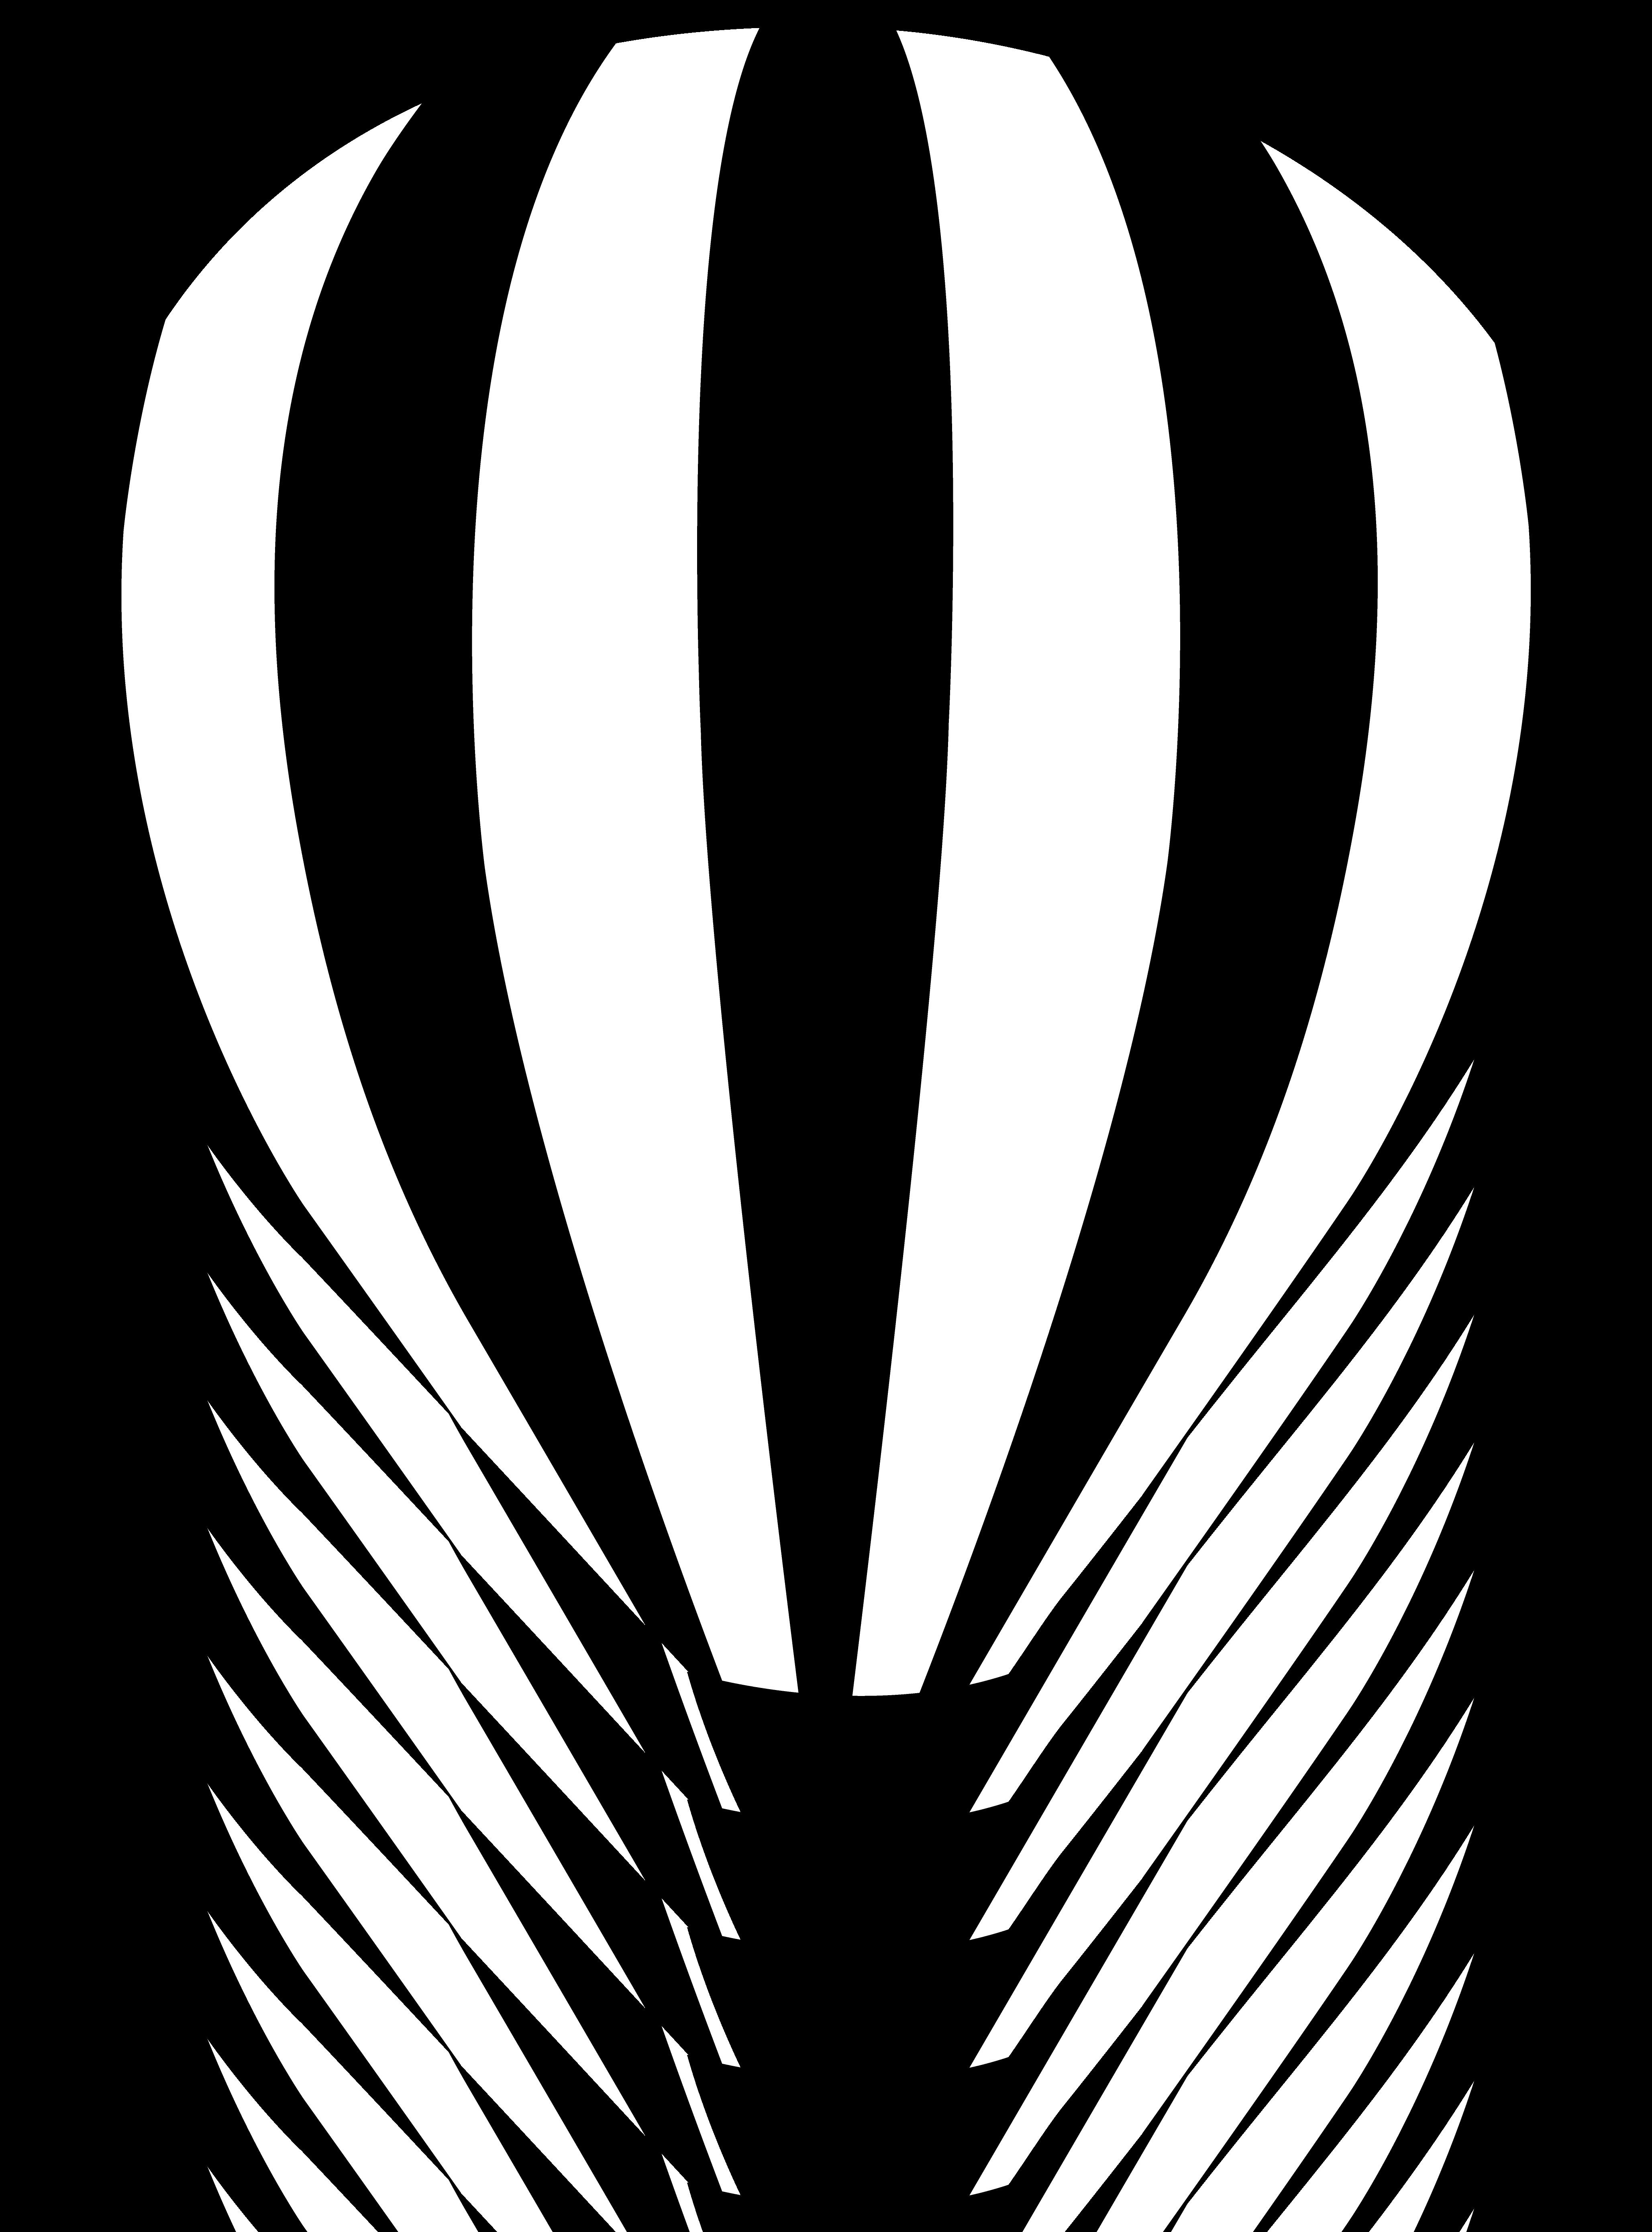 4114x5559 Hot Air Balloon Striped Silhouette